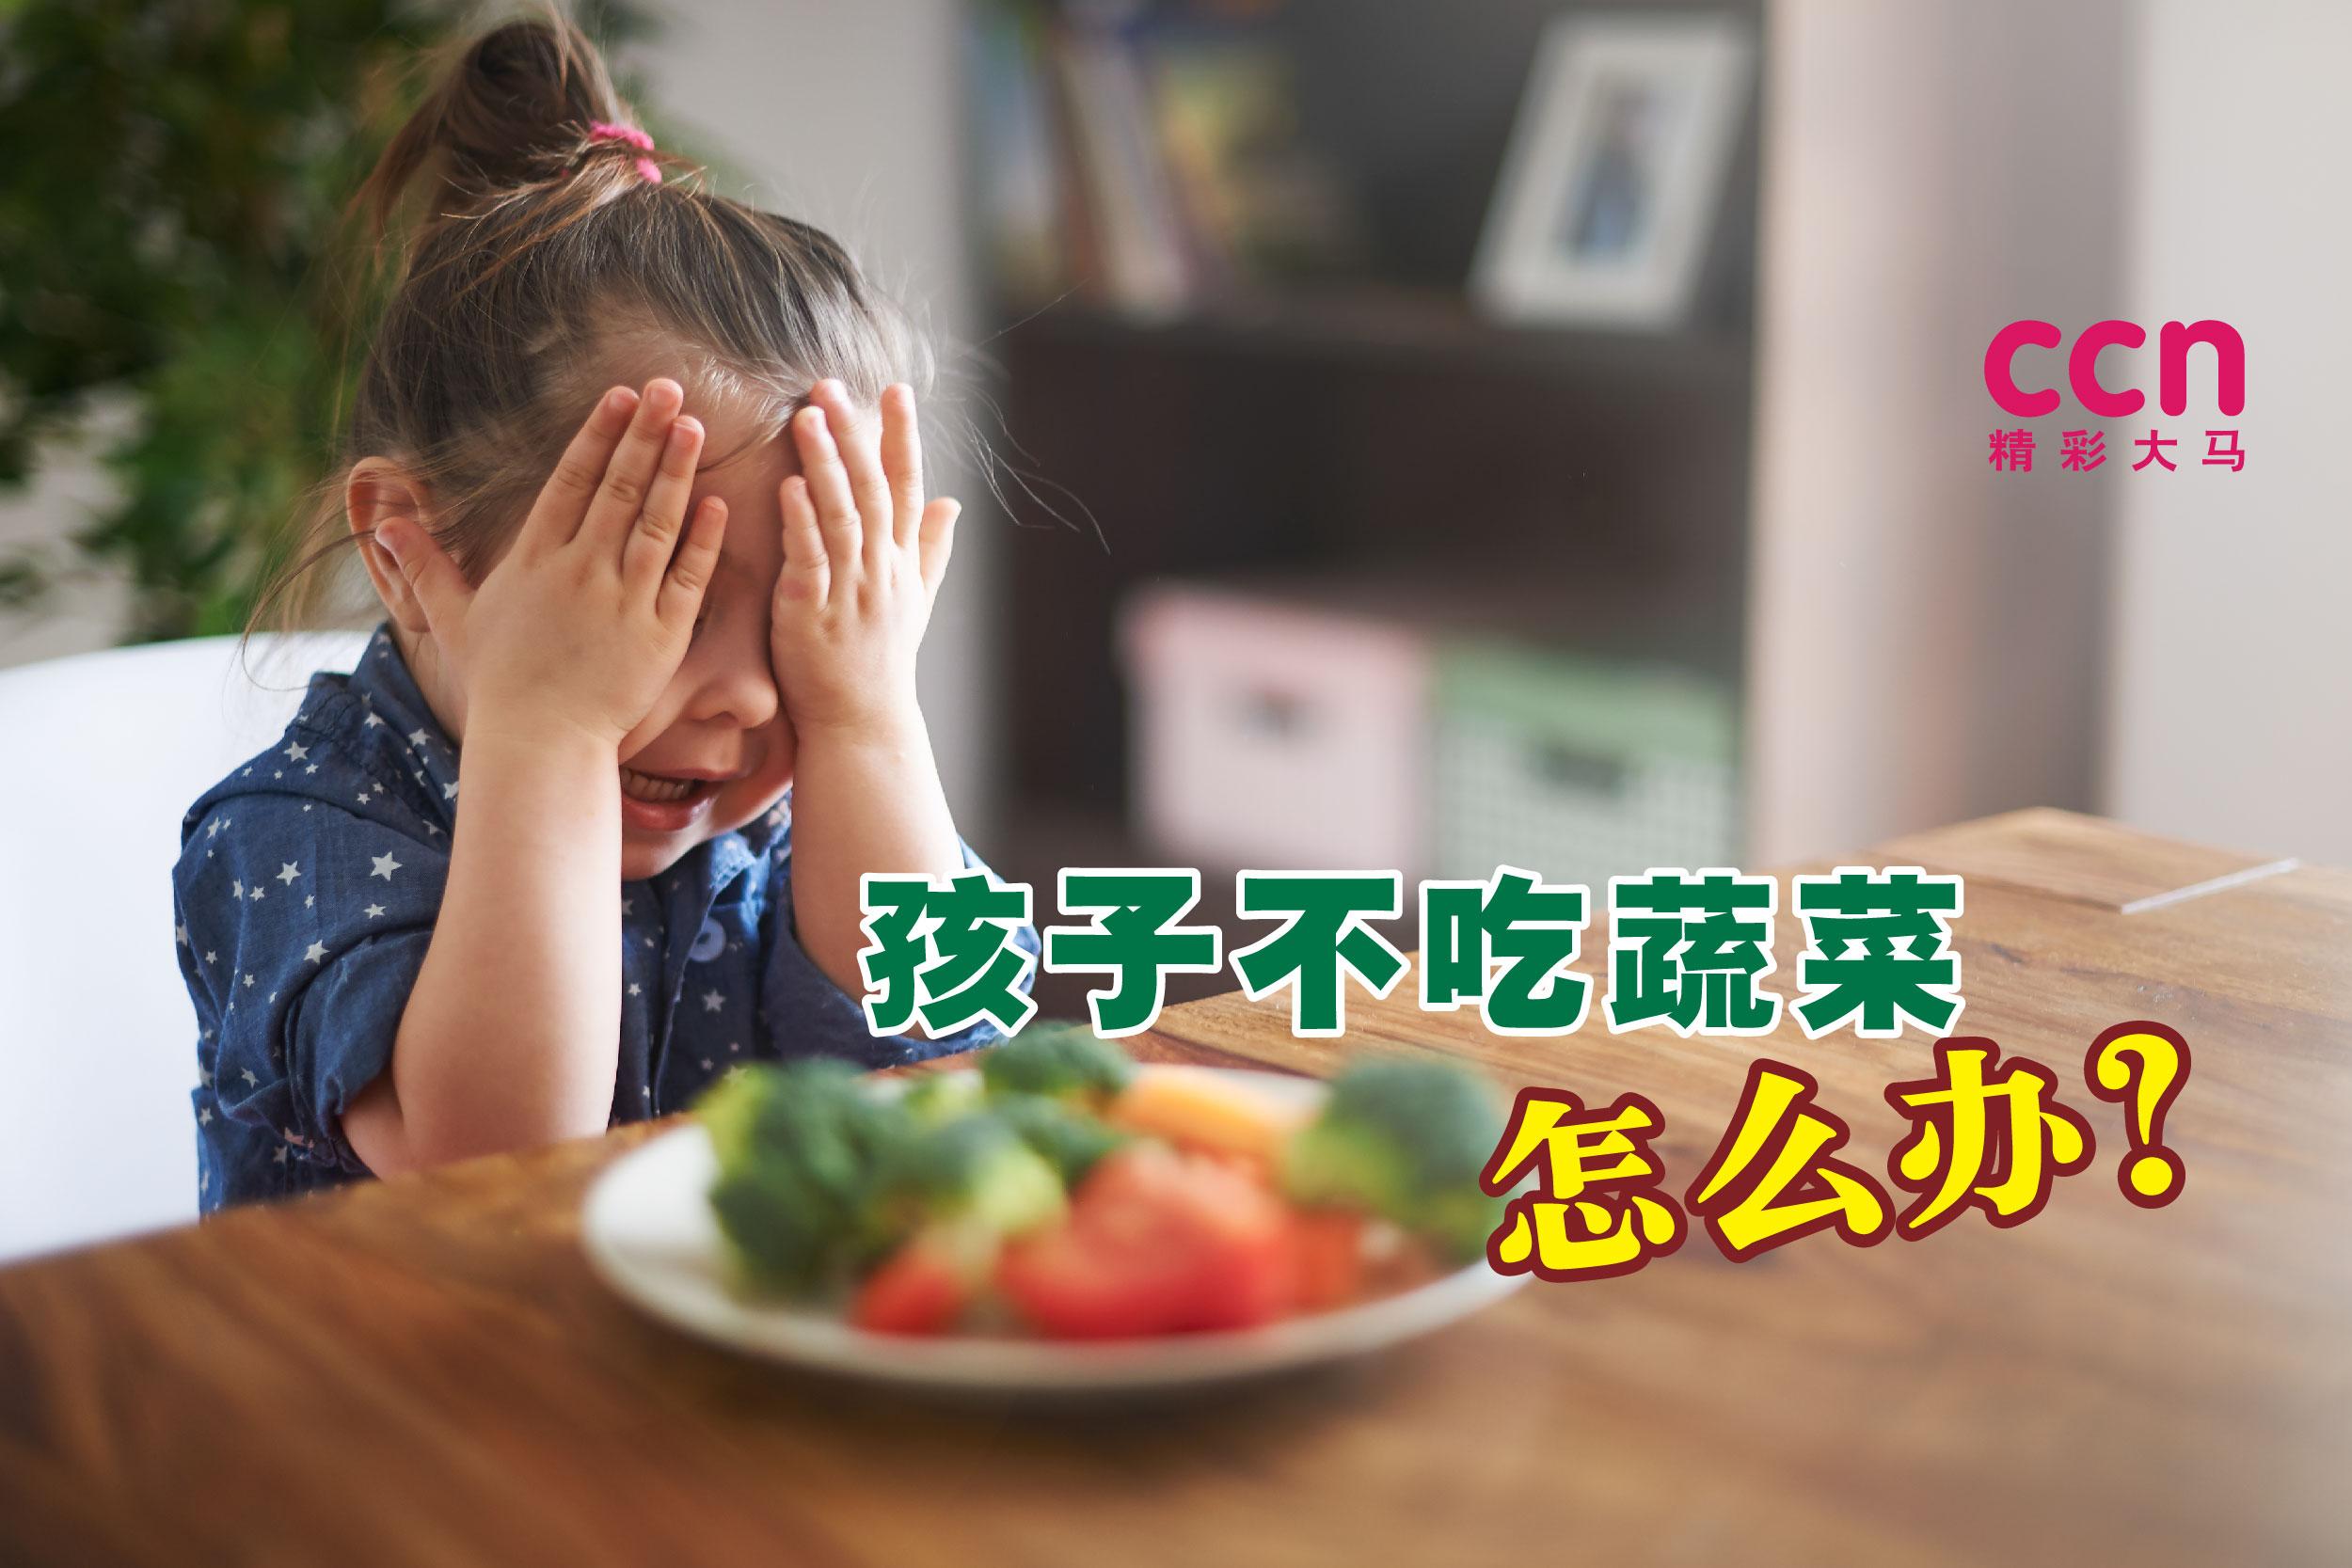 大部分孩子对蔬菜总有莫名的恐惧感,那么父母要怎么做,孩子才会喜欢吃蔬菜呢?-图取自freepik/精彩大马制图-